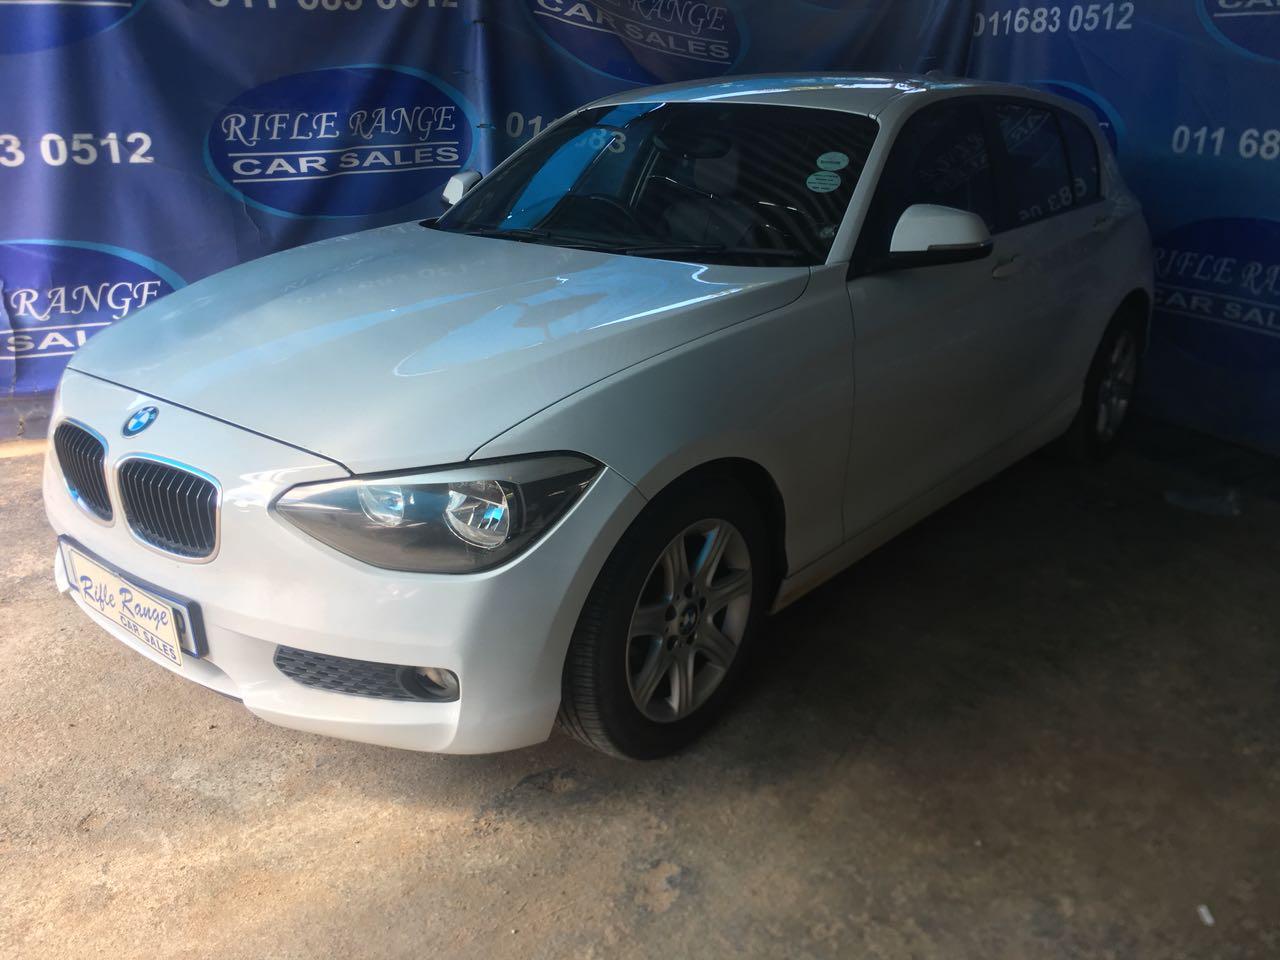 2012 BMW 1 Series 118i 5 door M Sport | Junk Mail